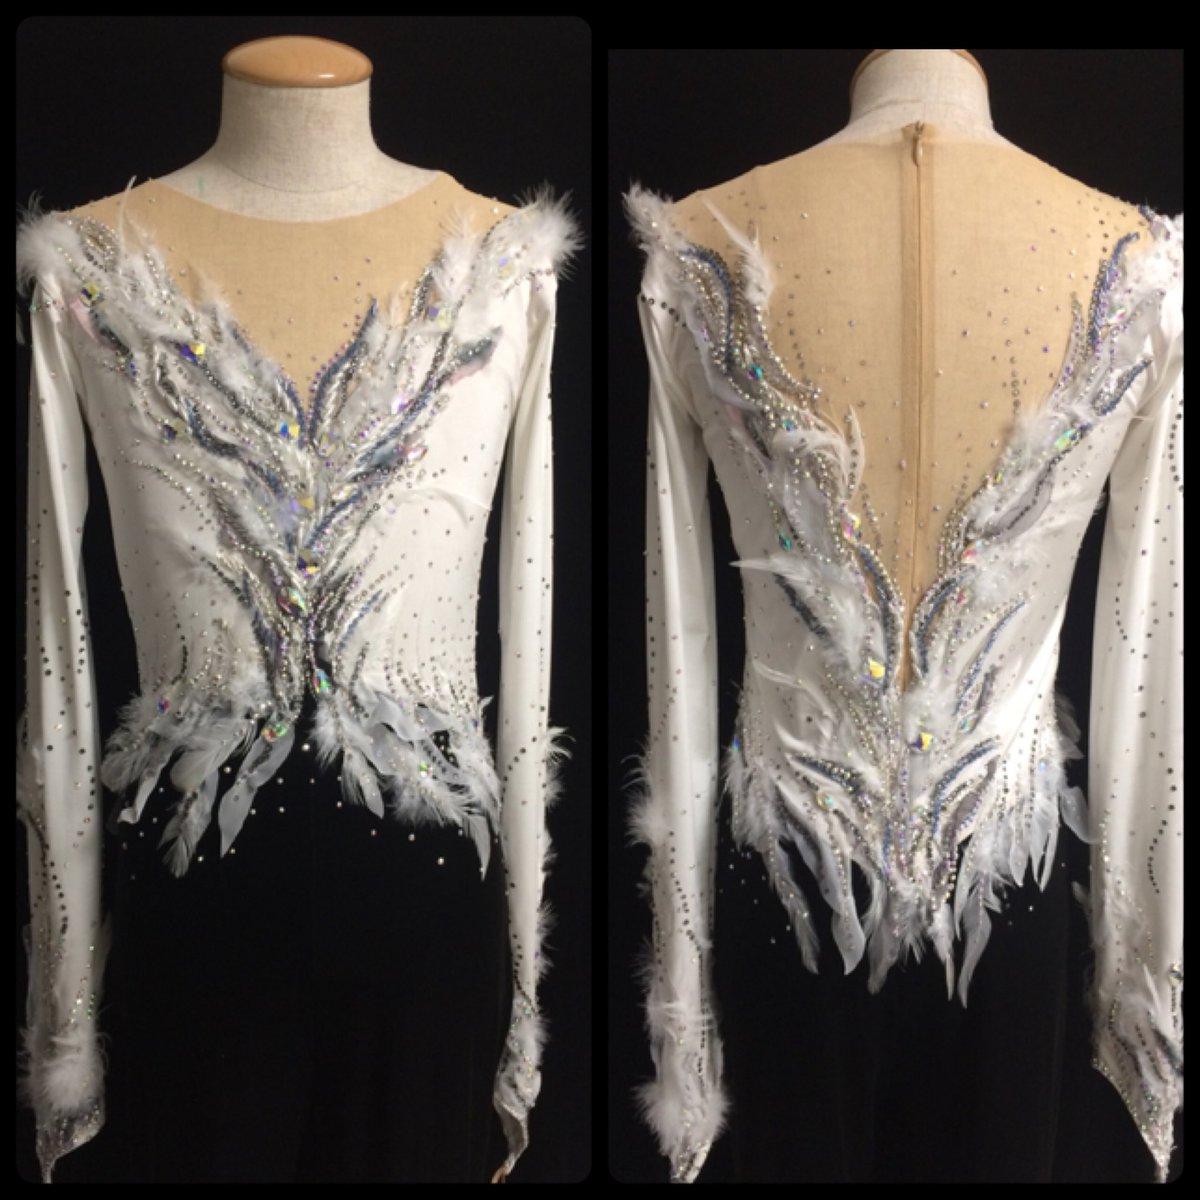 衣装製作 羽生結弦選手 Notte Stellata  ありがとうございました。